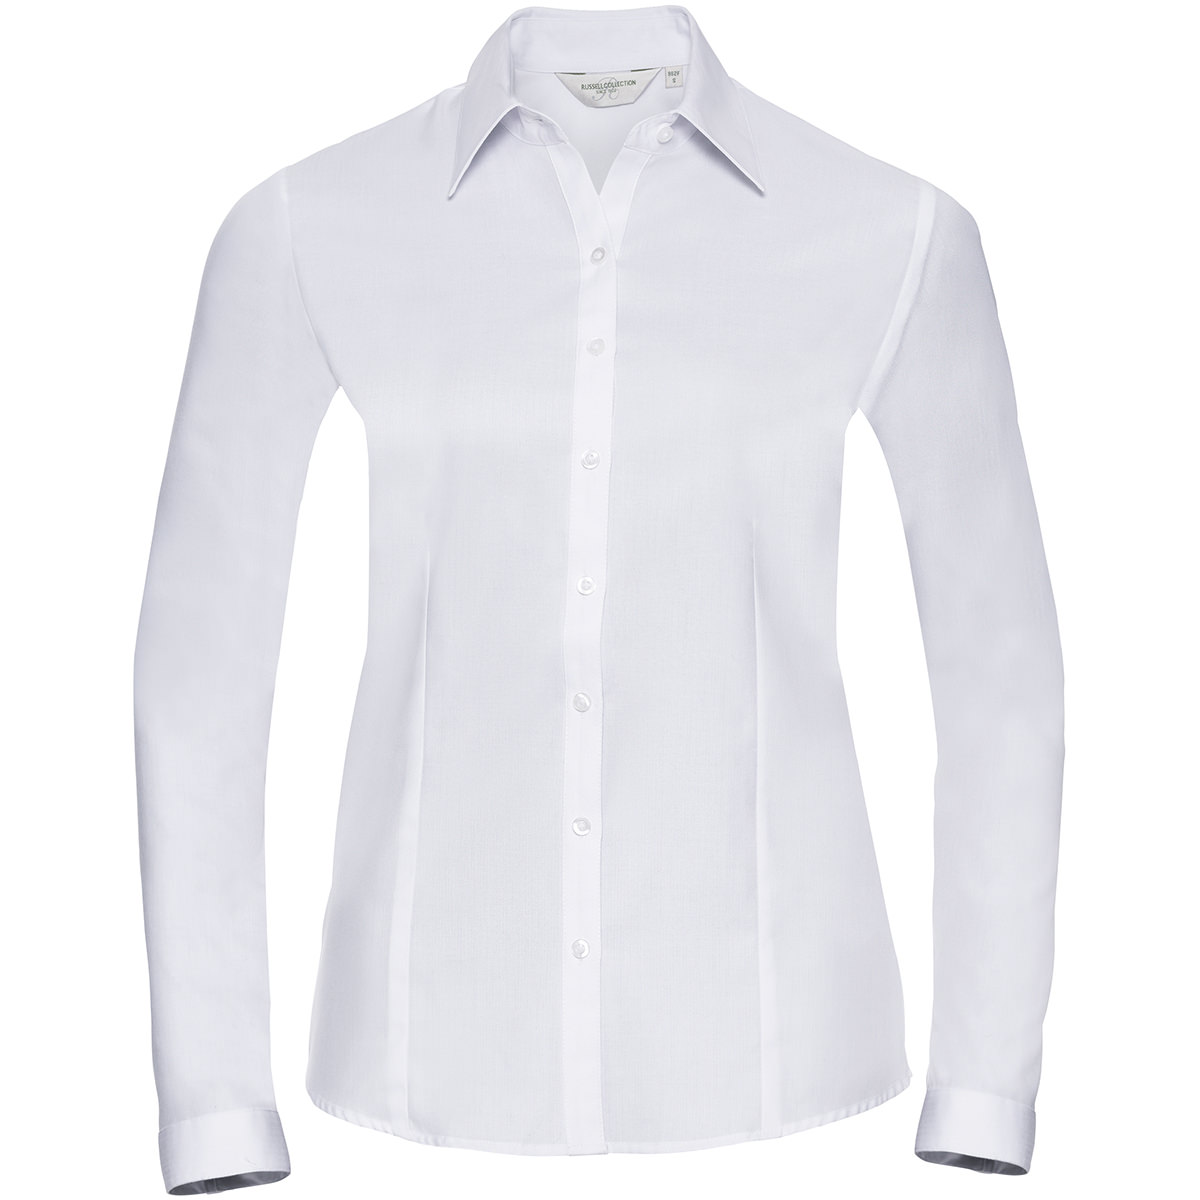 Taillierte Herringbone Bluse - Langarm